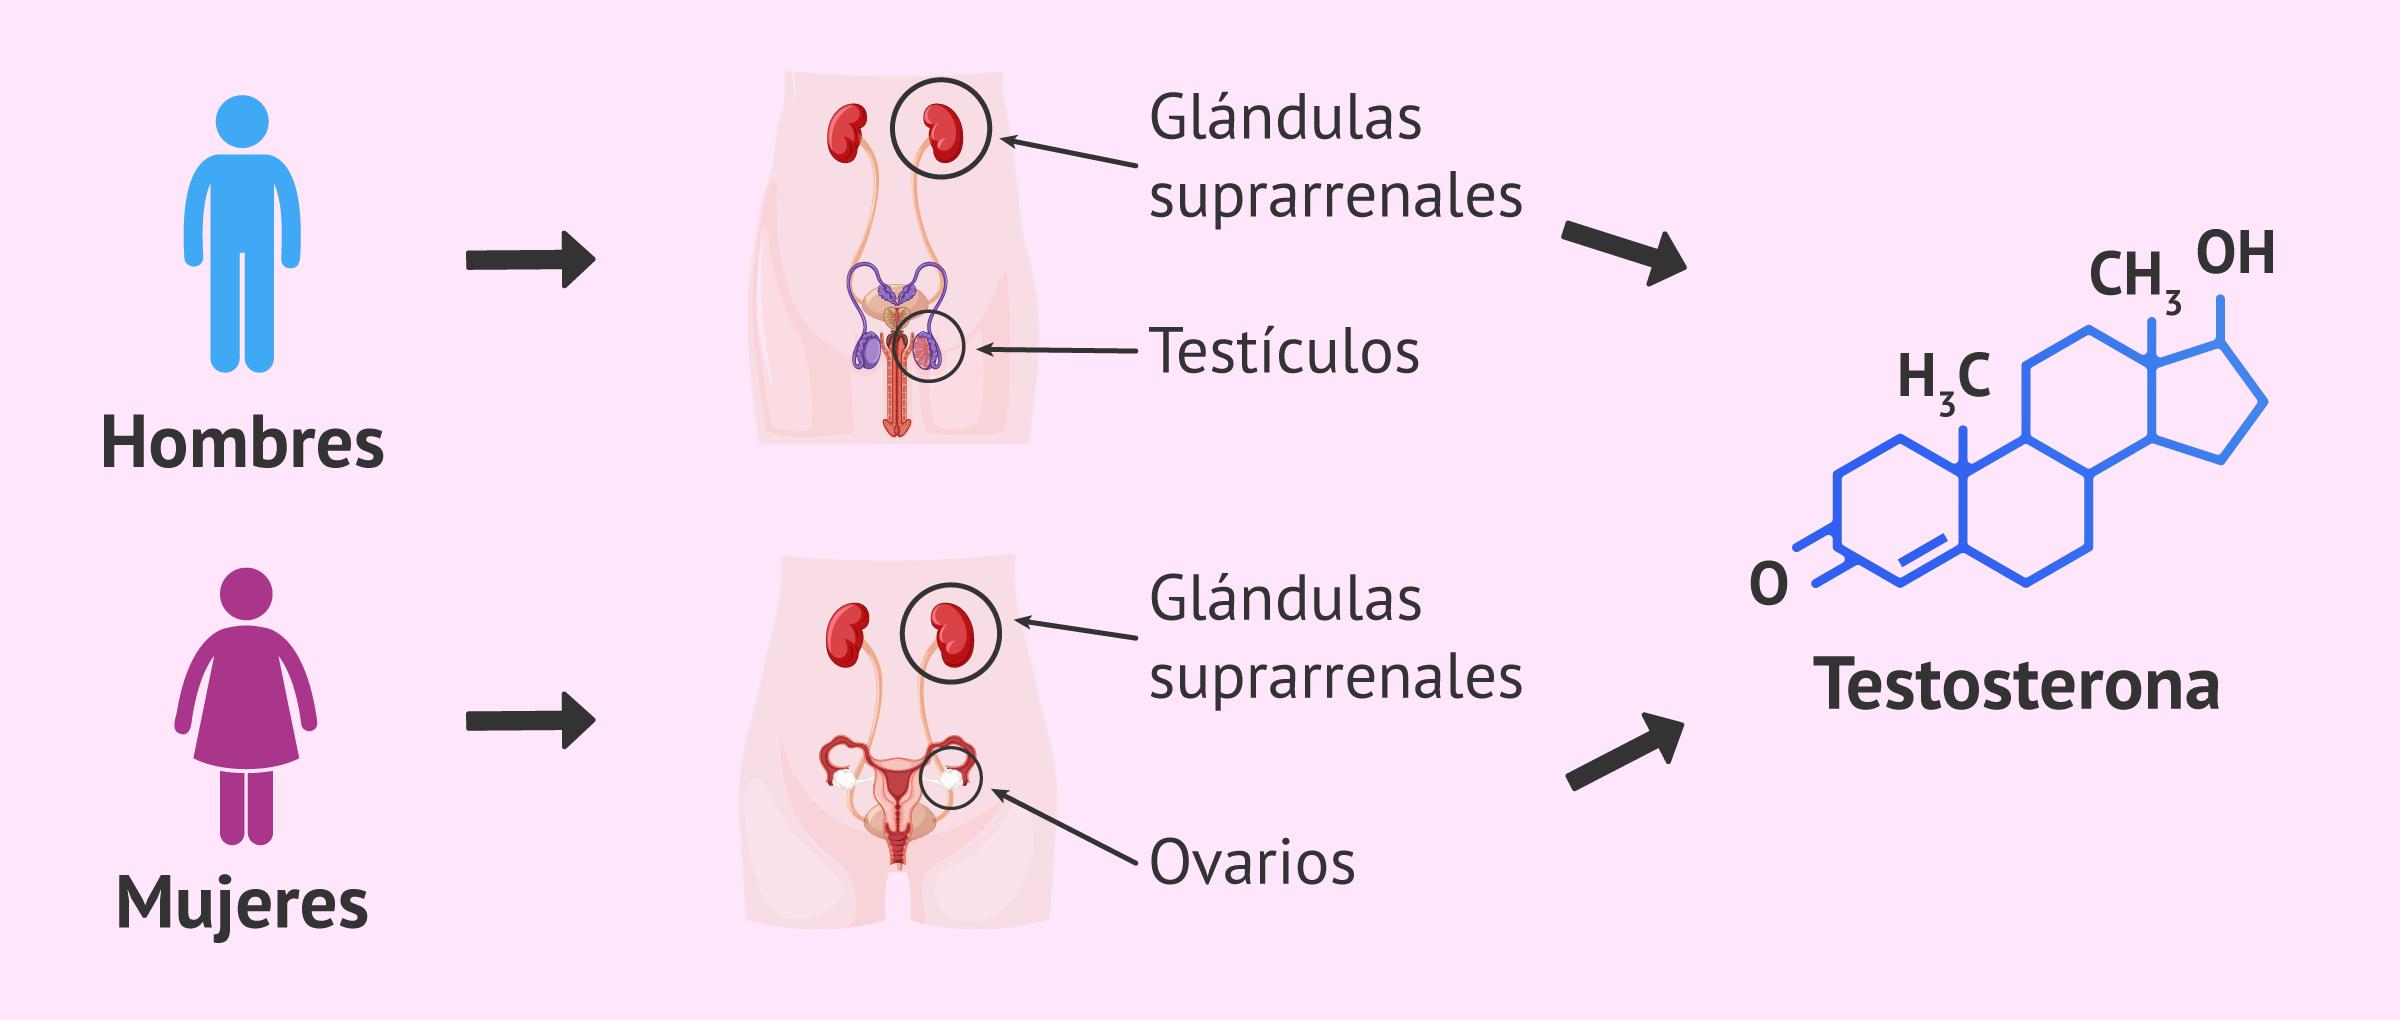 Formación de la testoterona